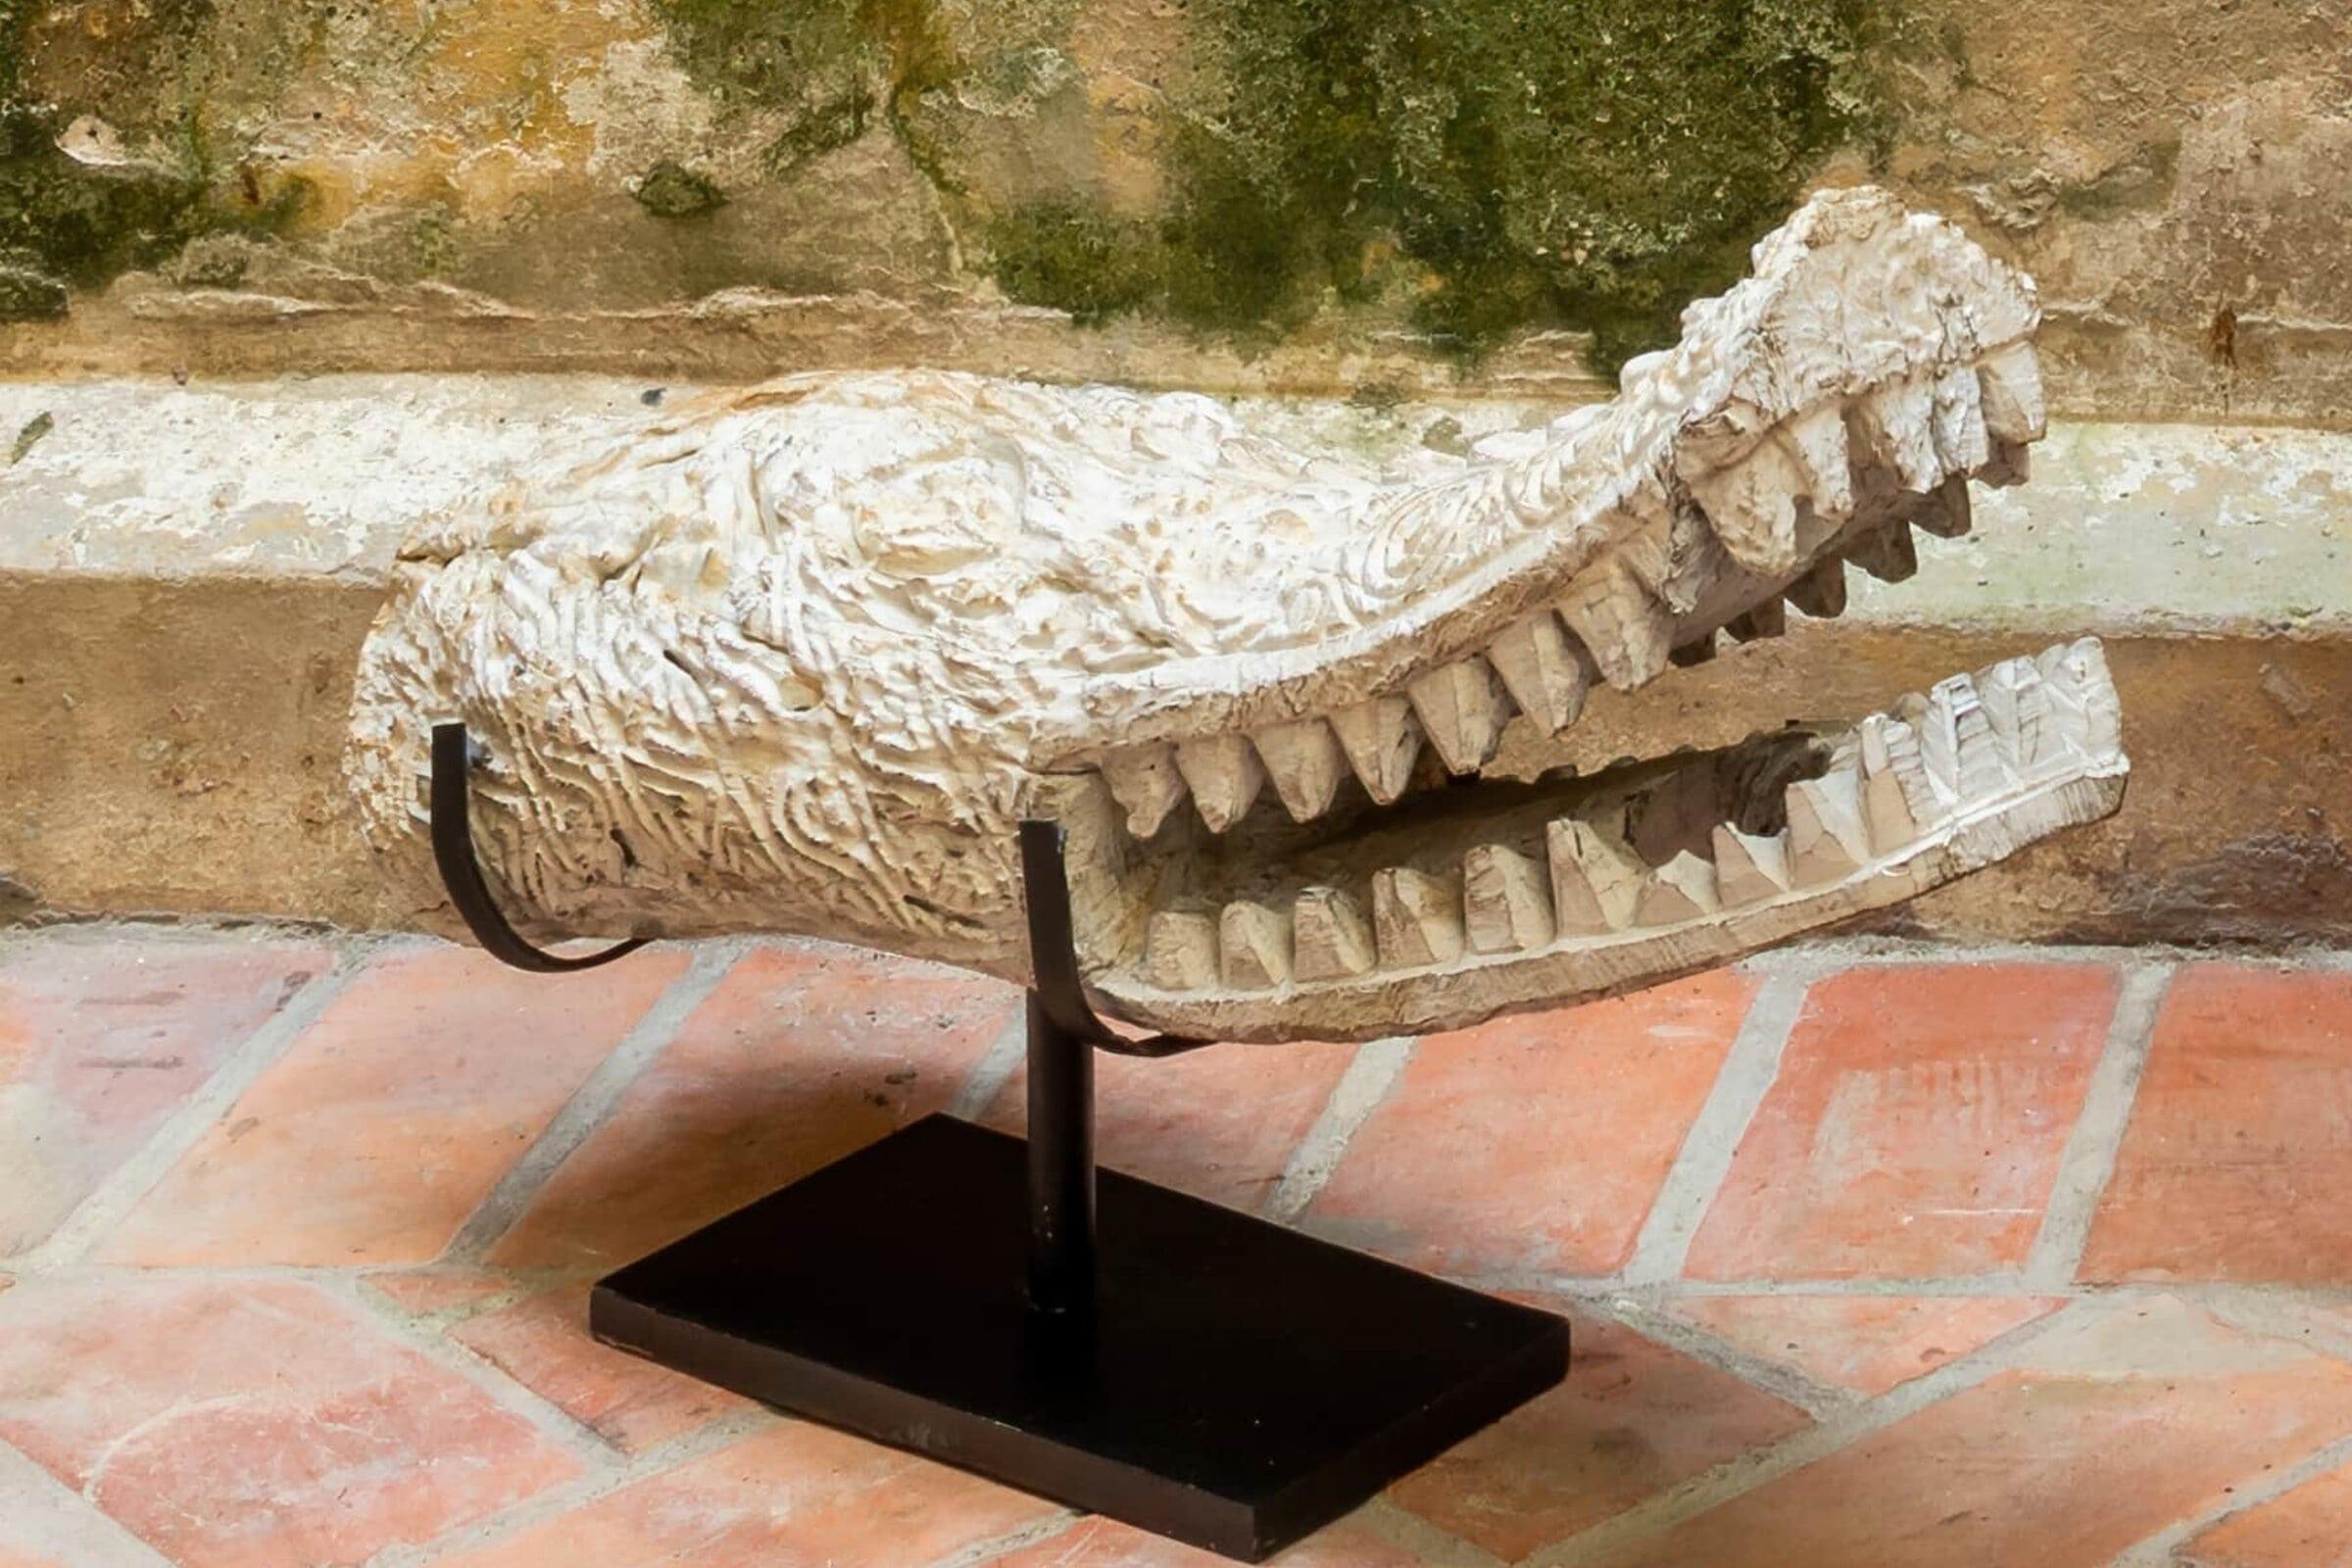 Escultura de cocodrilo tallado en madera pequeño